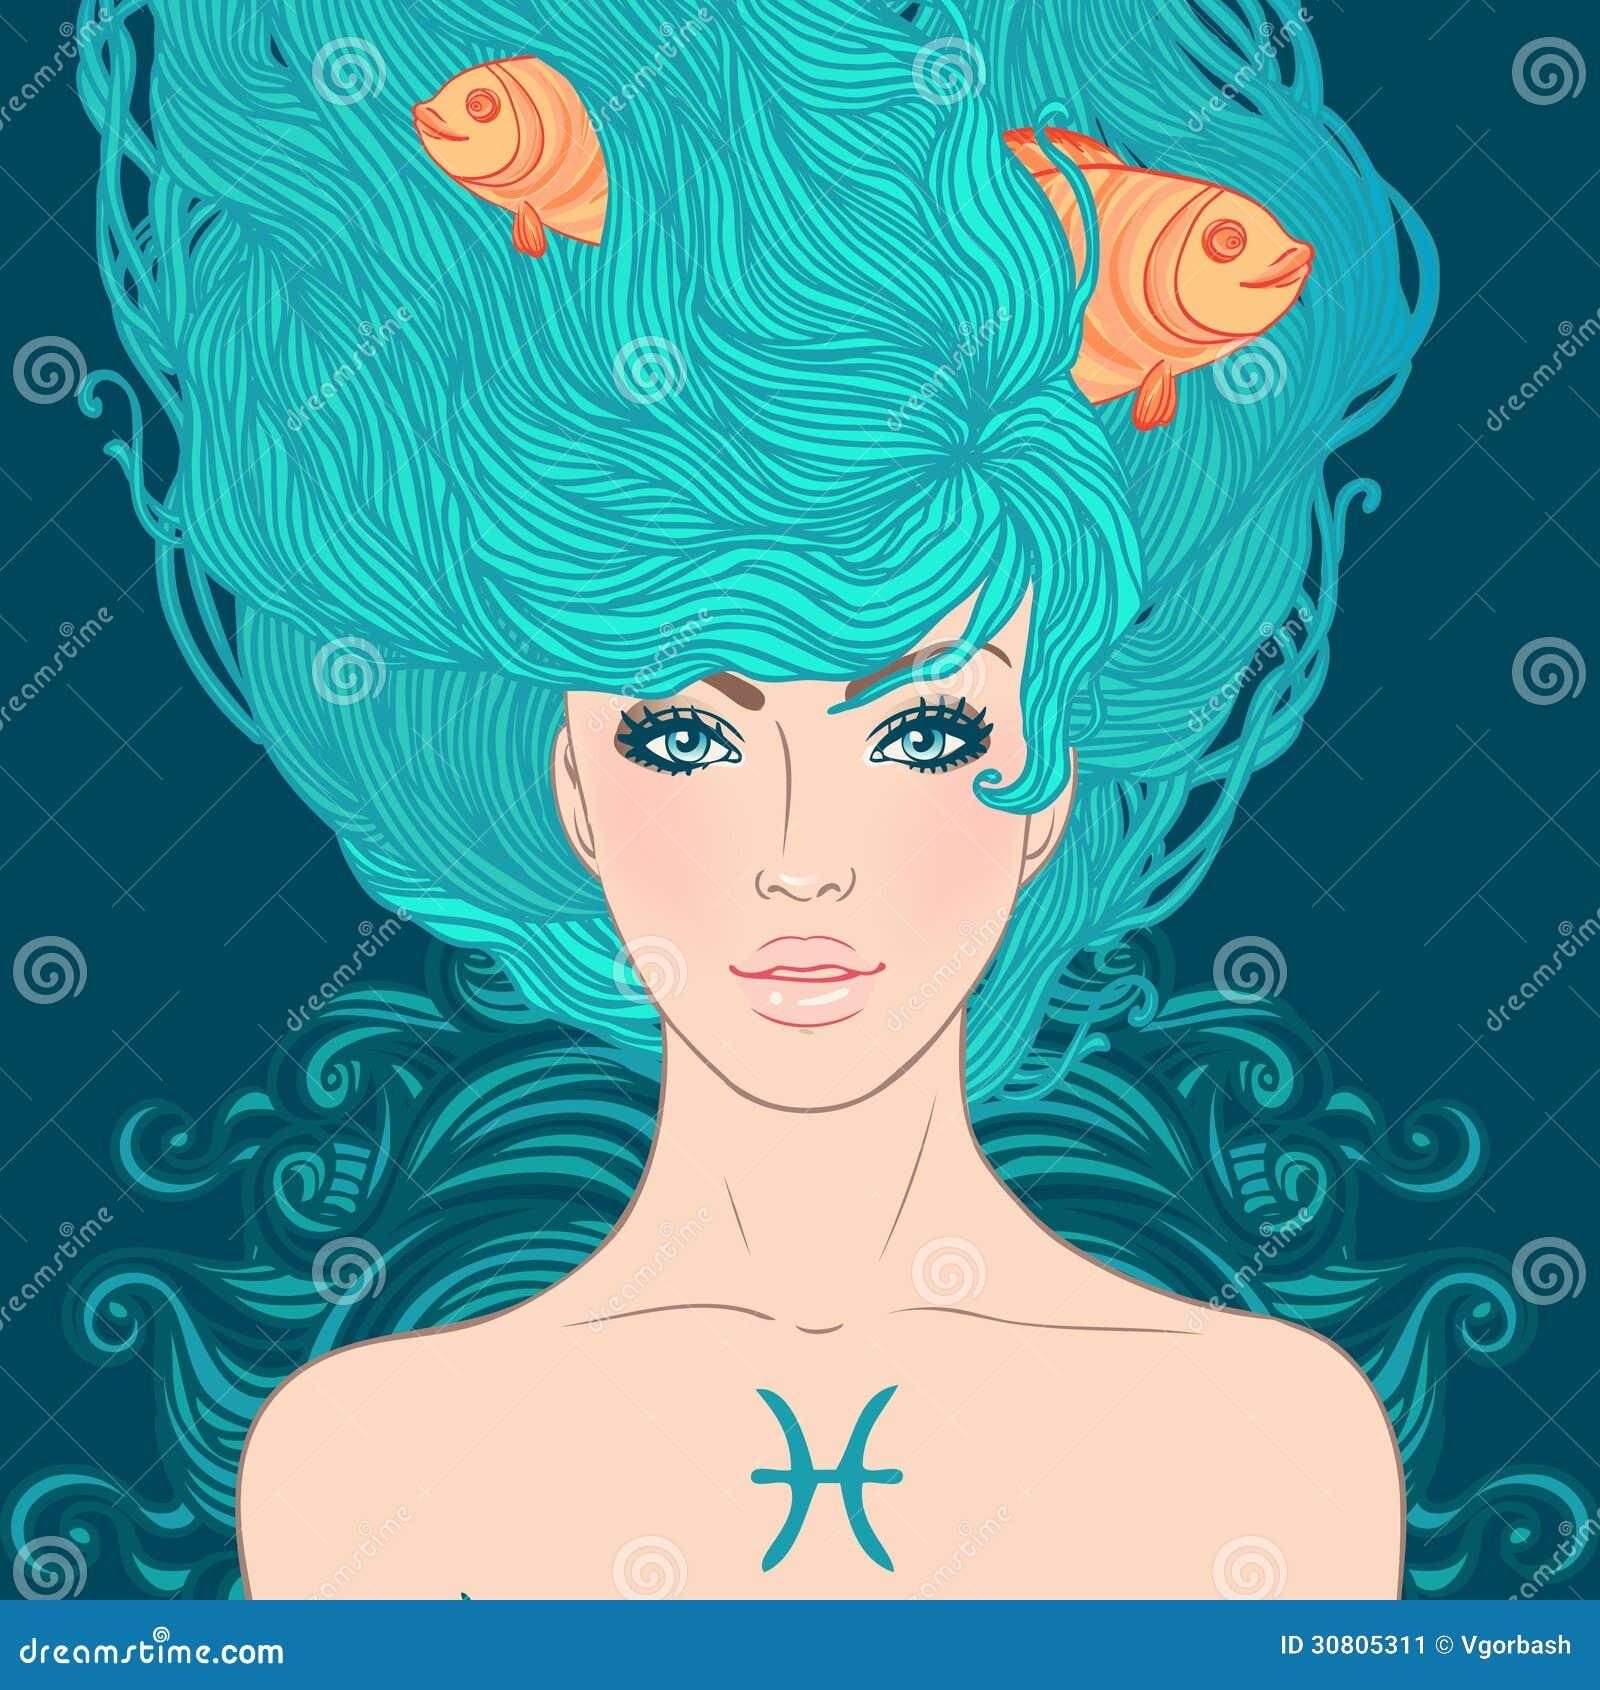 Segno astrologico di pesci come bella ragazza.